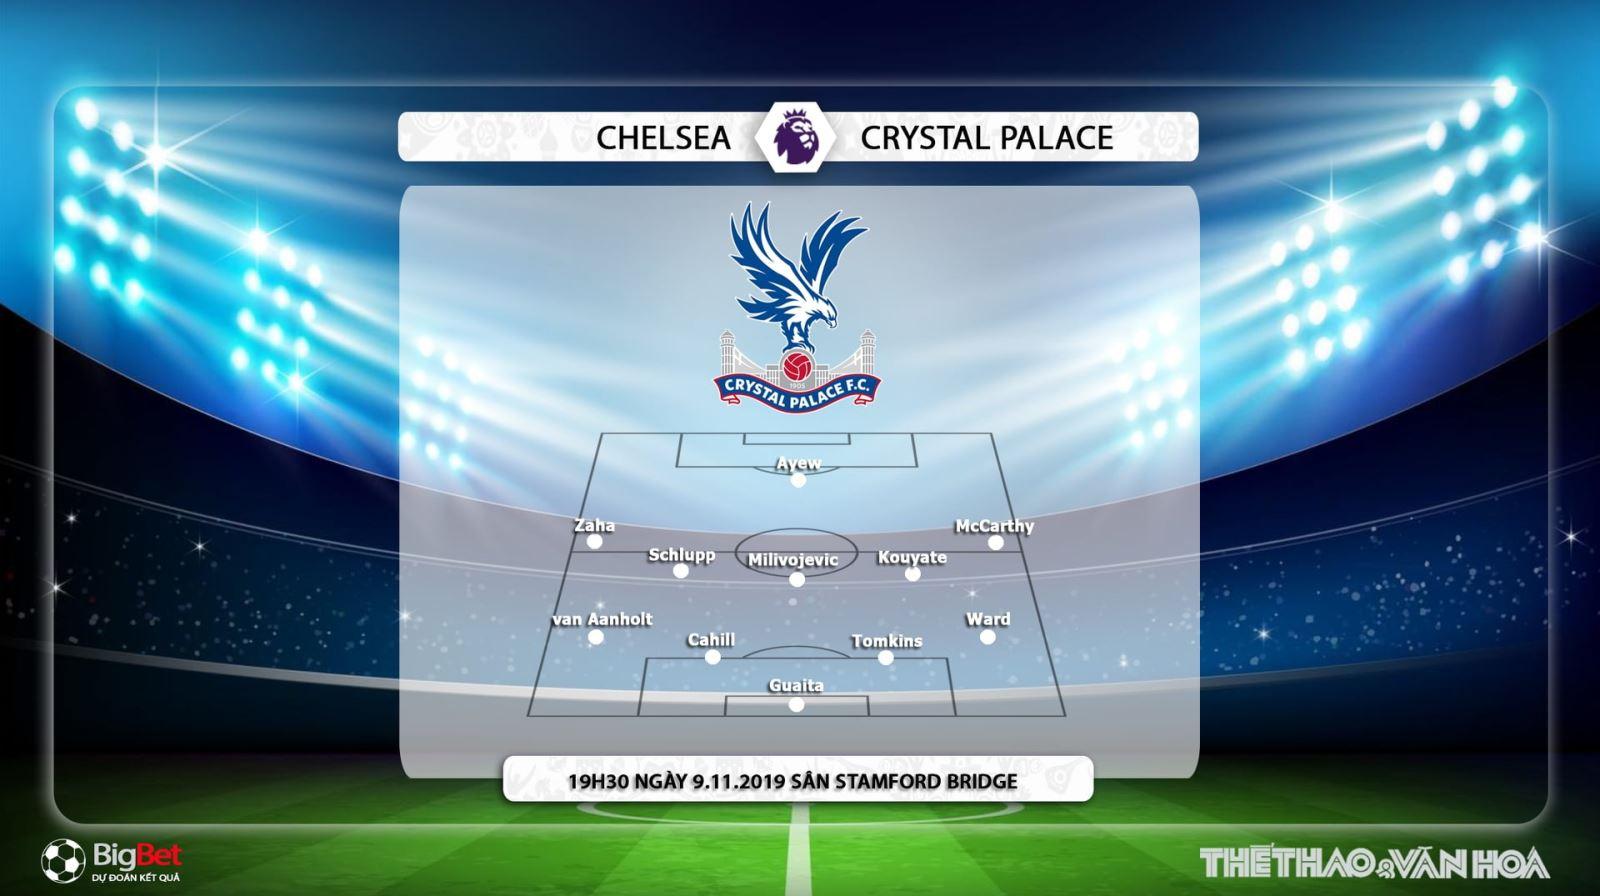 Kèo Chelsea vs Crystal Palace, truc tiep bong da hom nay, Chelsea đấu với Crystal Palace, bóng đá trực tiếp, K+, K+PM, K+PC, K+1, xem bóng đá trực tuyến, Ngoại hạng Anh